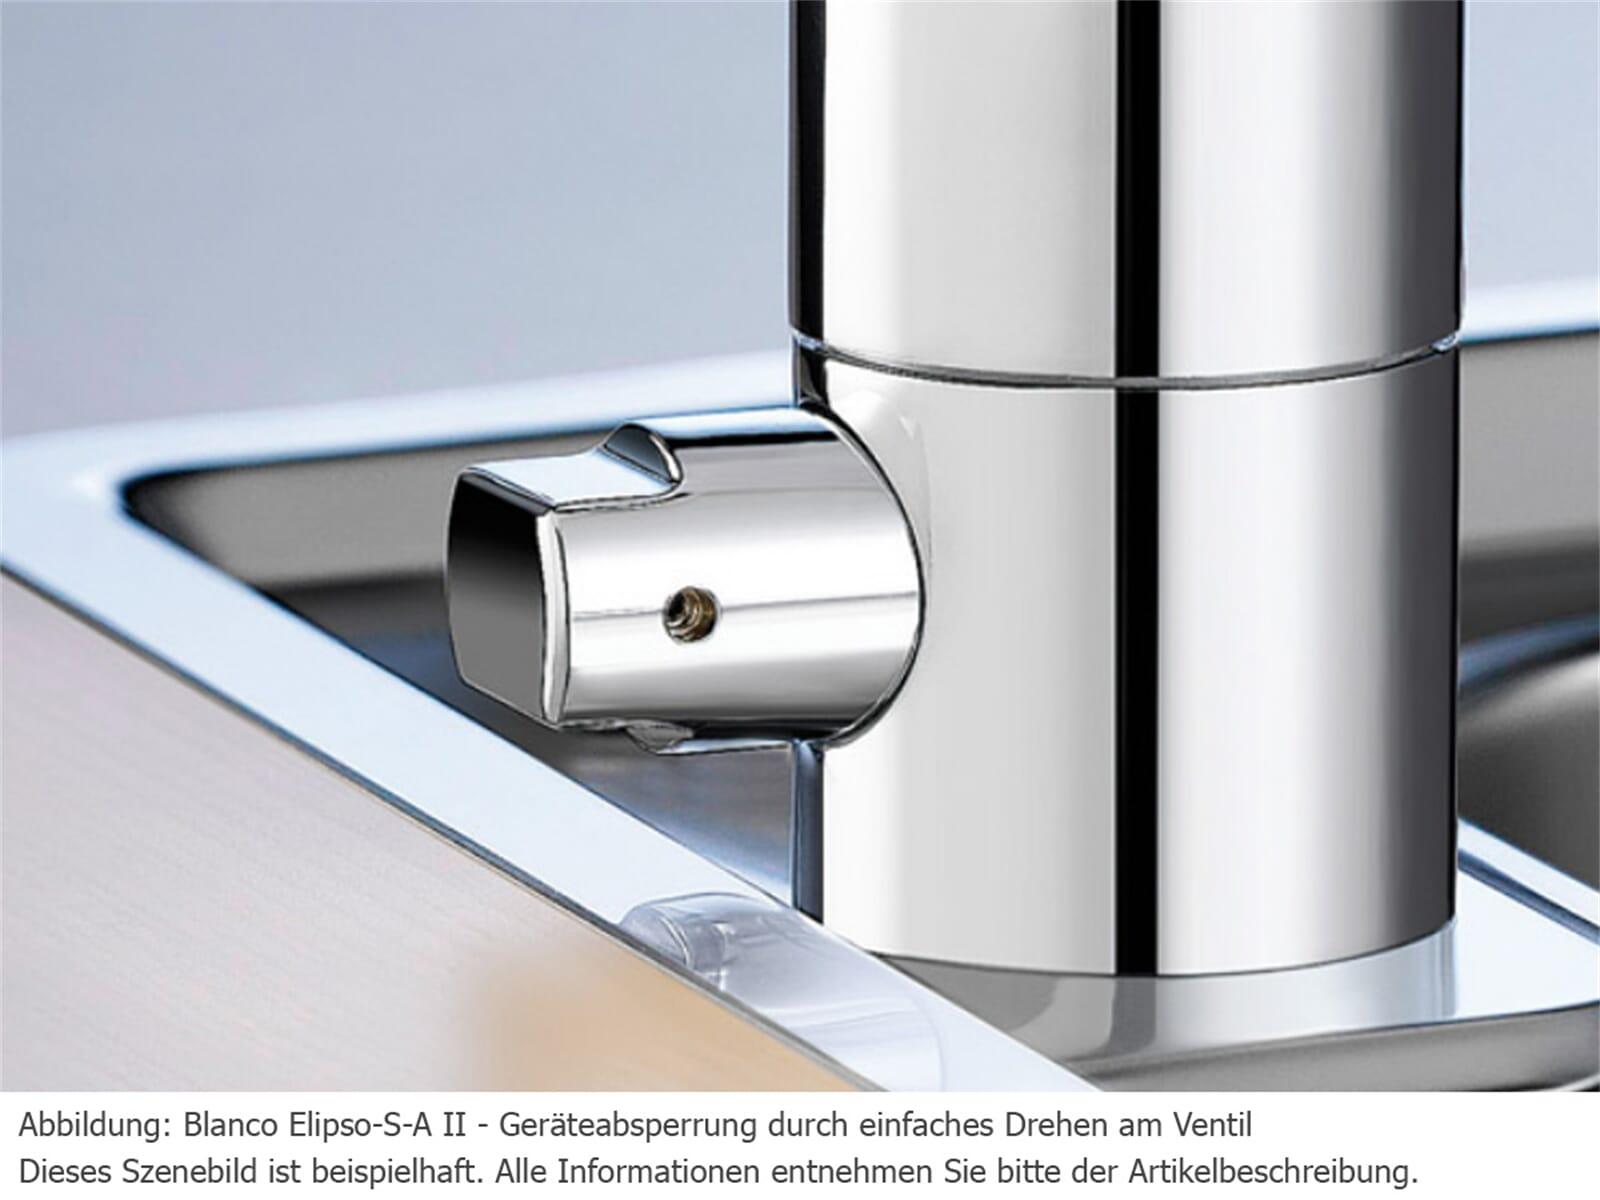 Blanco Elipso-S-A II Chrom Hochdruckarmatur